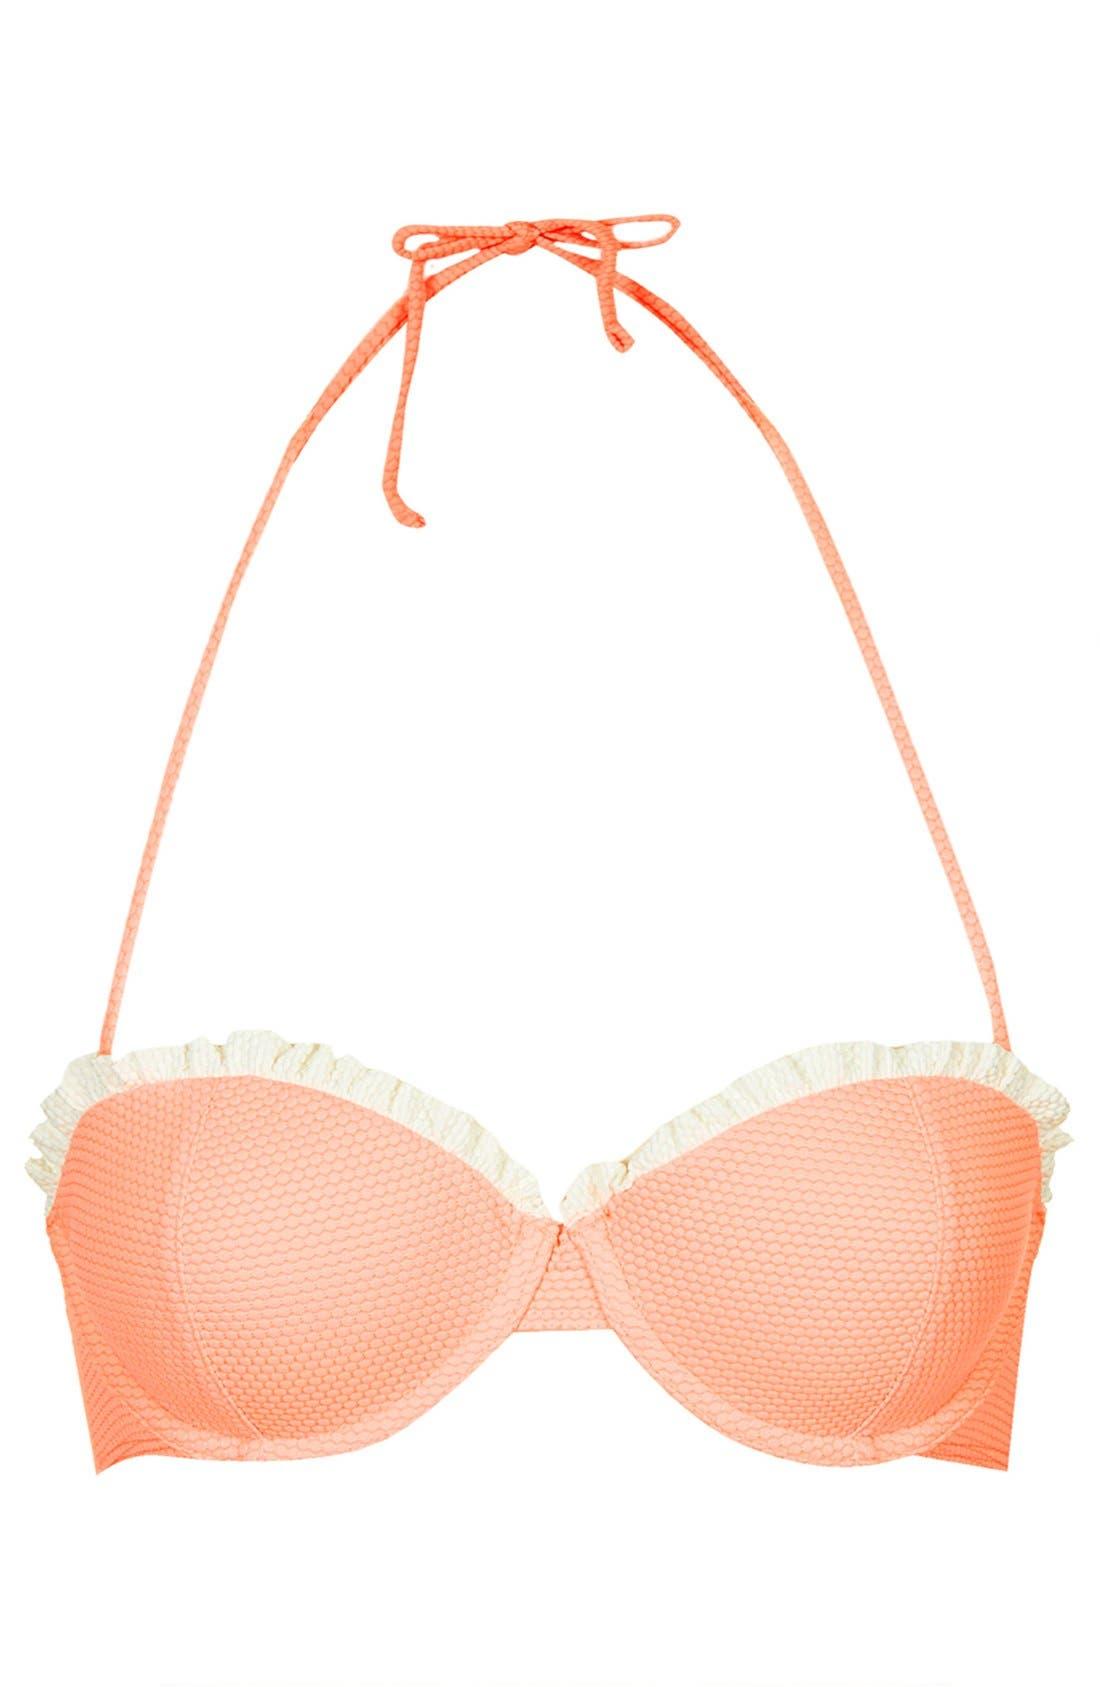 Main Image - Topshop Ruffle Trim Push-Up Bikini Top